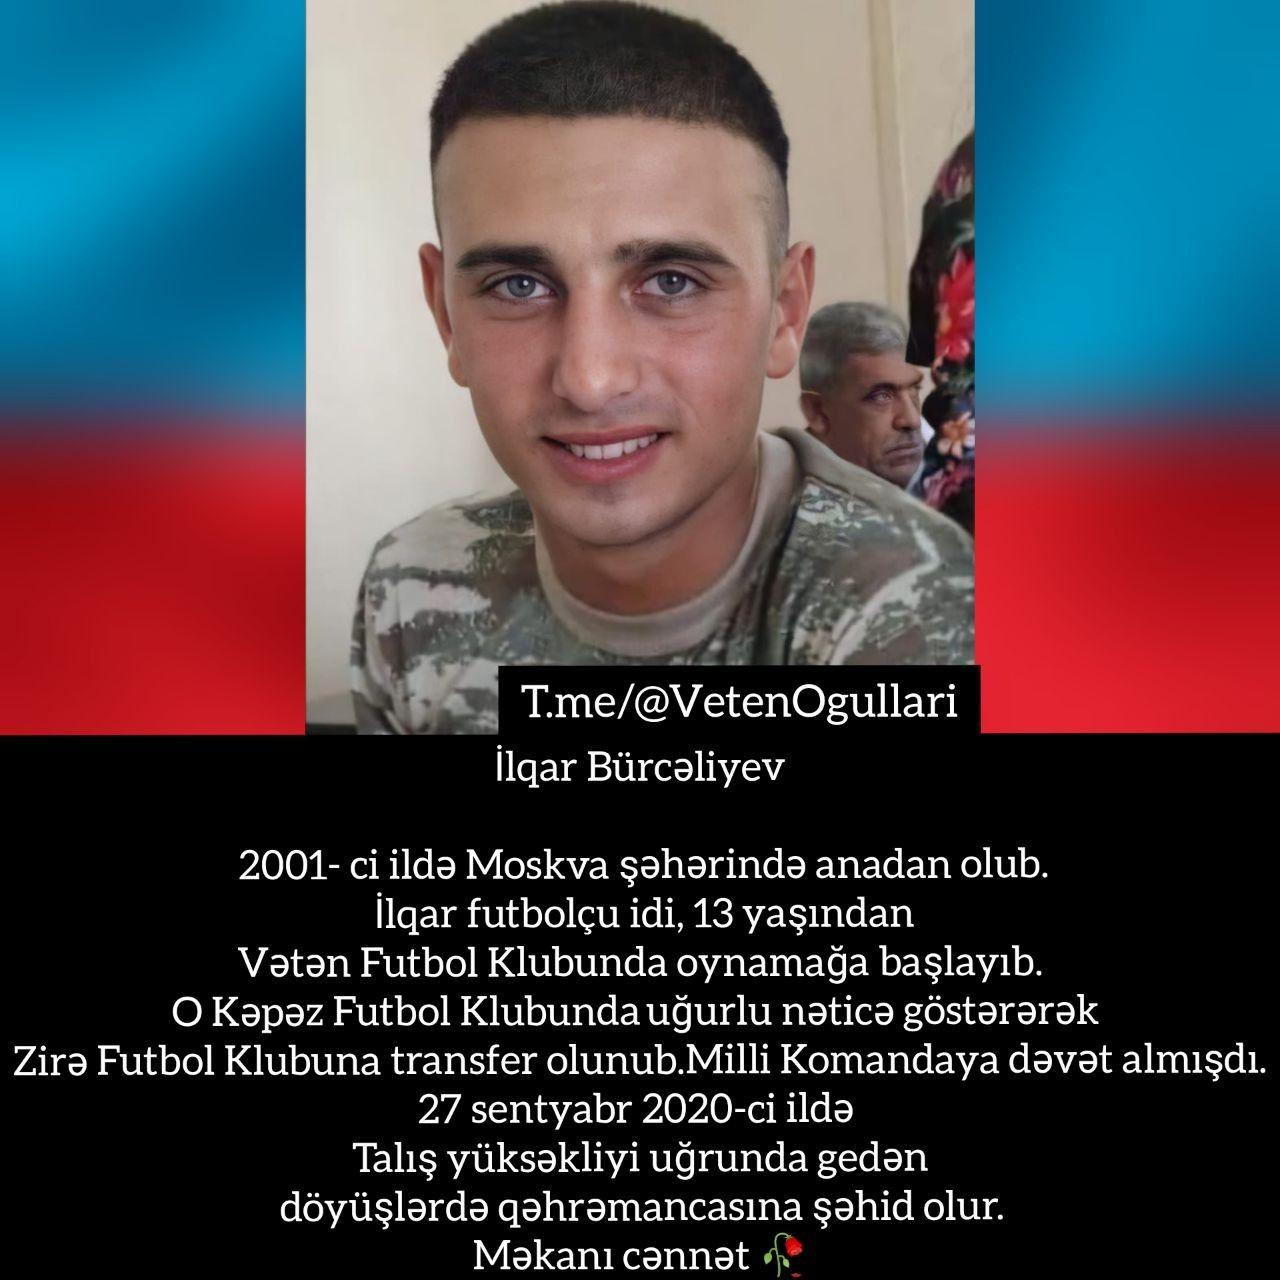 Səhid Ilqar Burcəliyev Ruhun Sad Olsun Səhidim Incoming Call Screenshot Incoming Call Azerbaijan